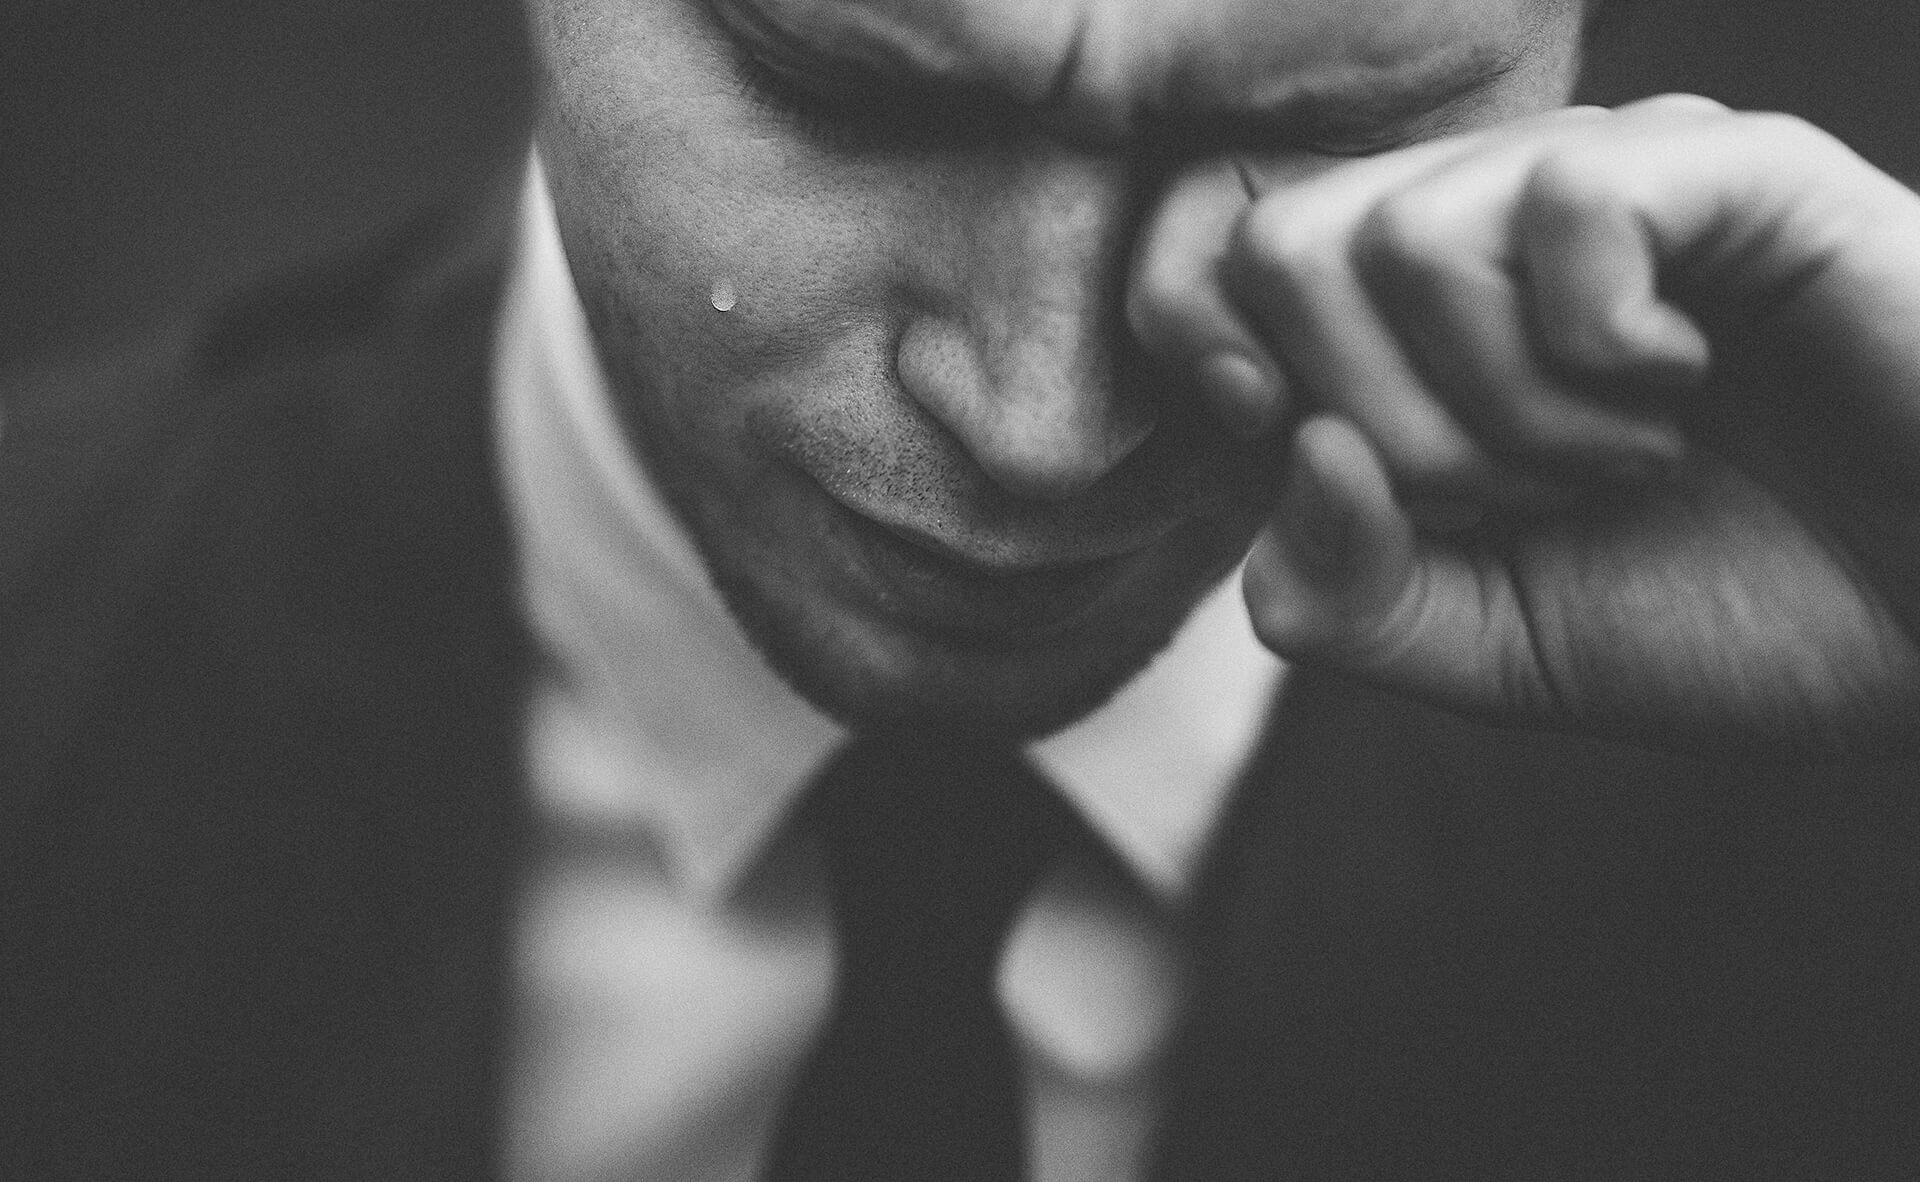 ¿Cómo expresar simpatía?